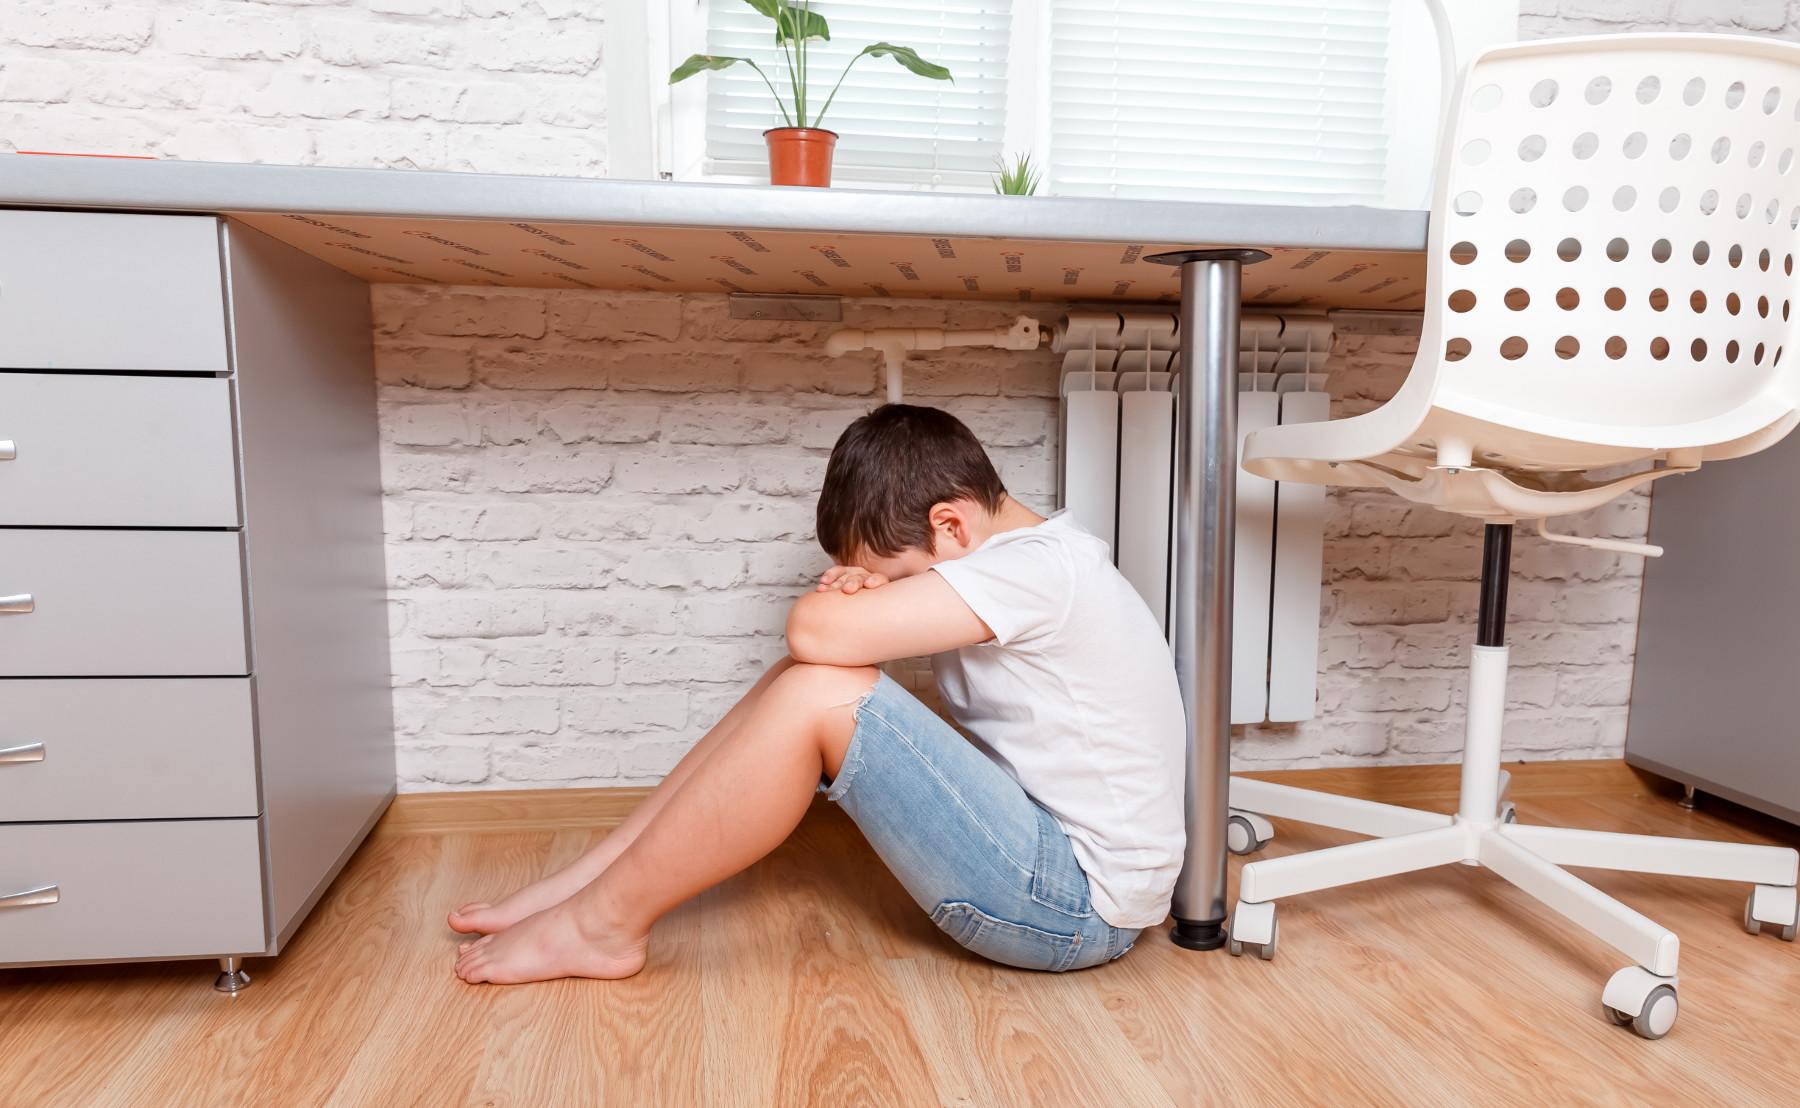 חרדות אצל ילדים – מתי חובה לטפל?